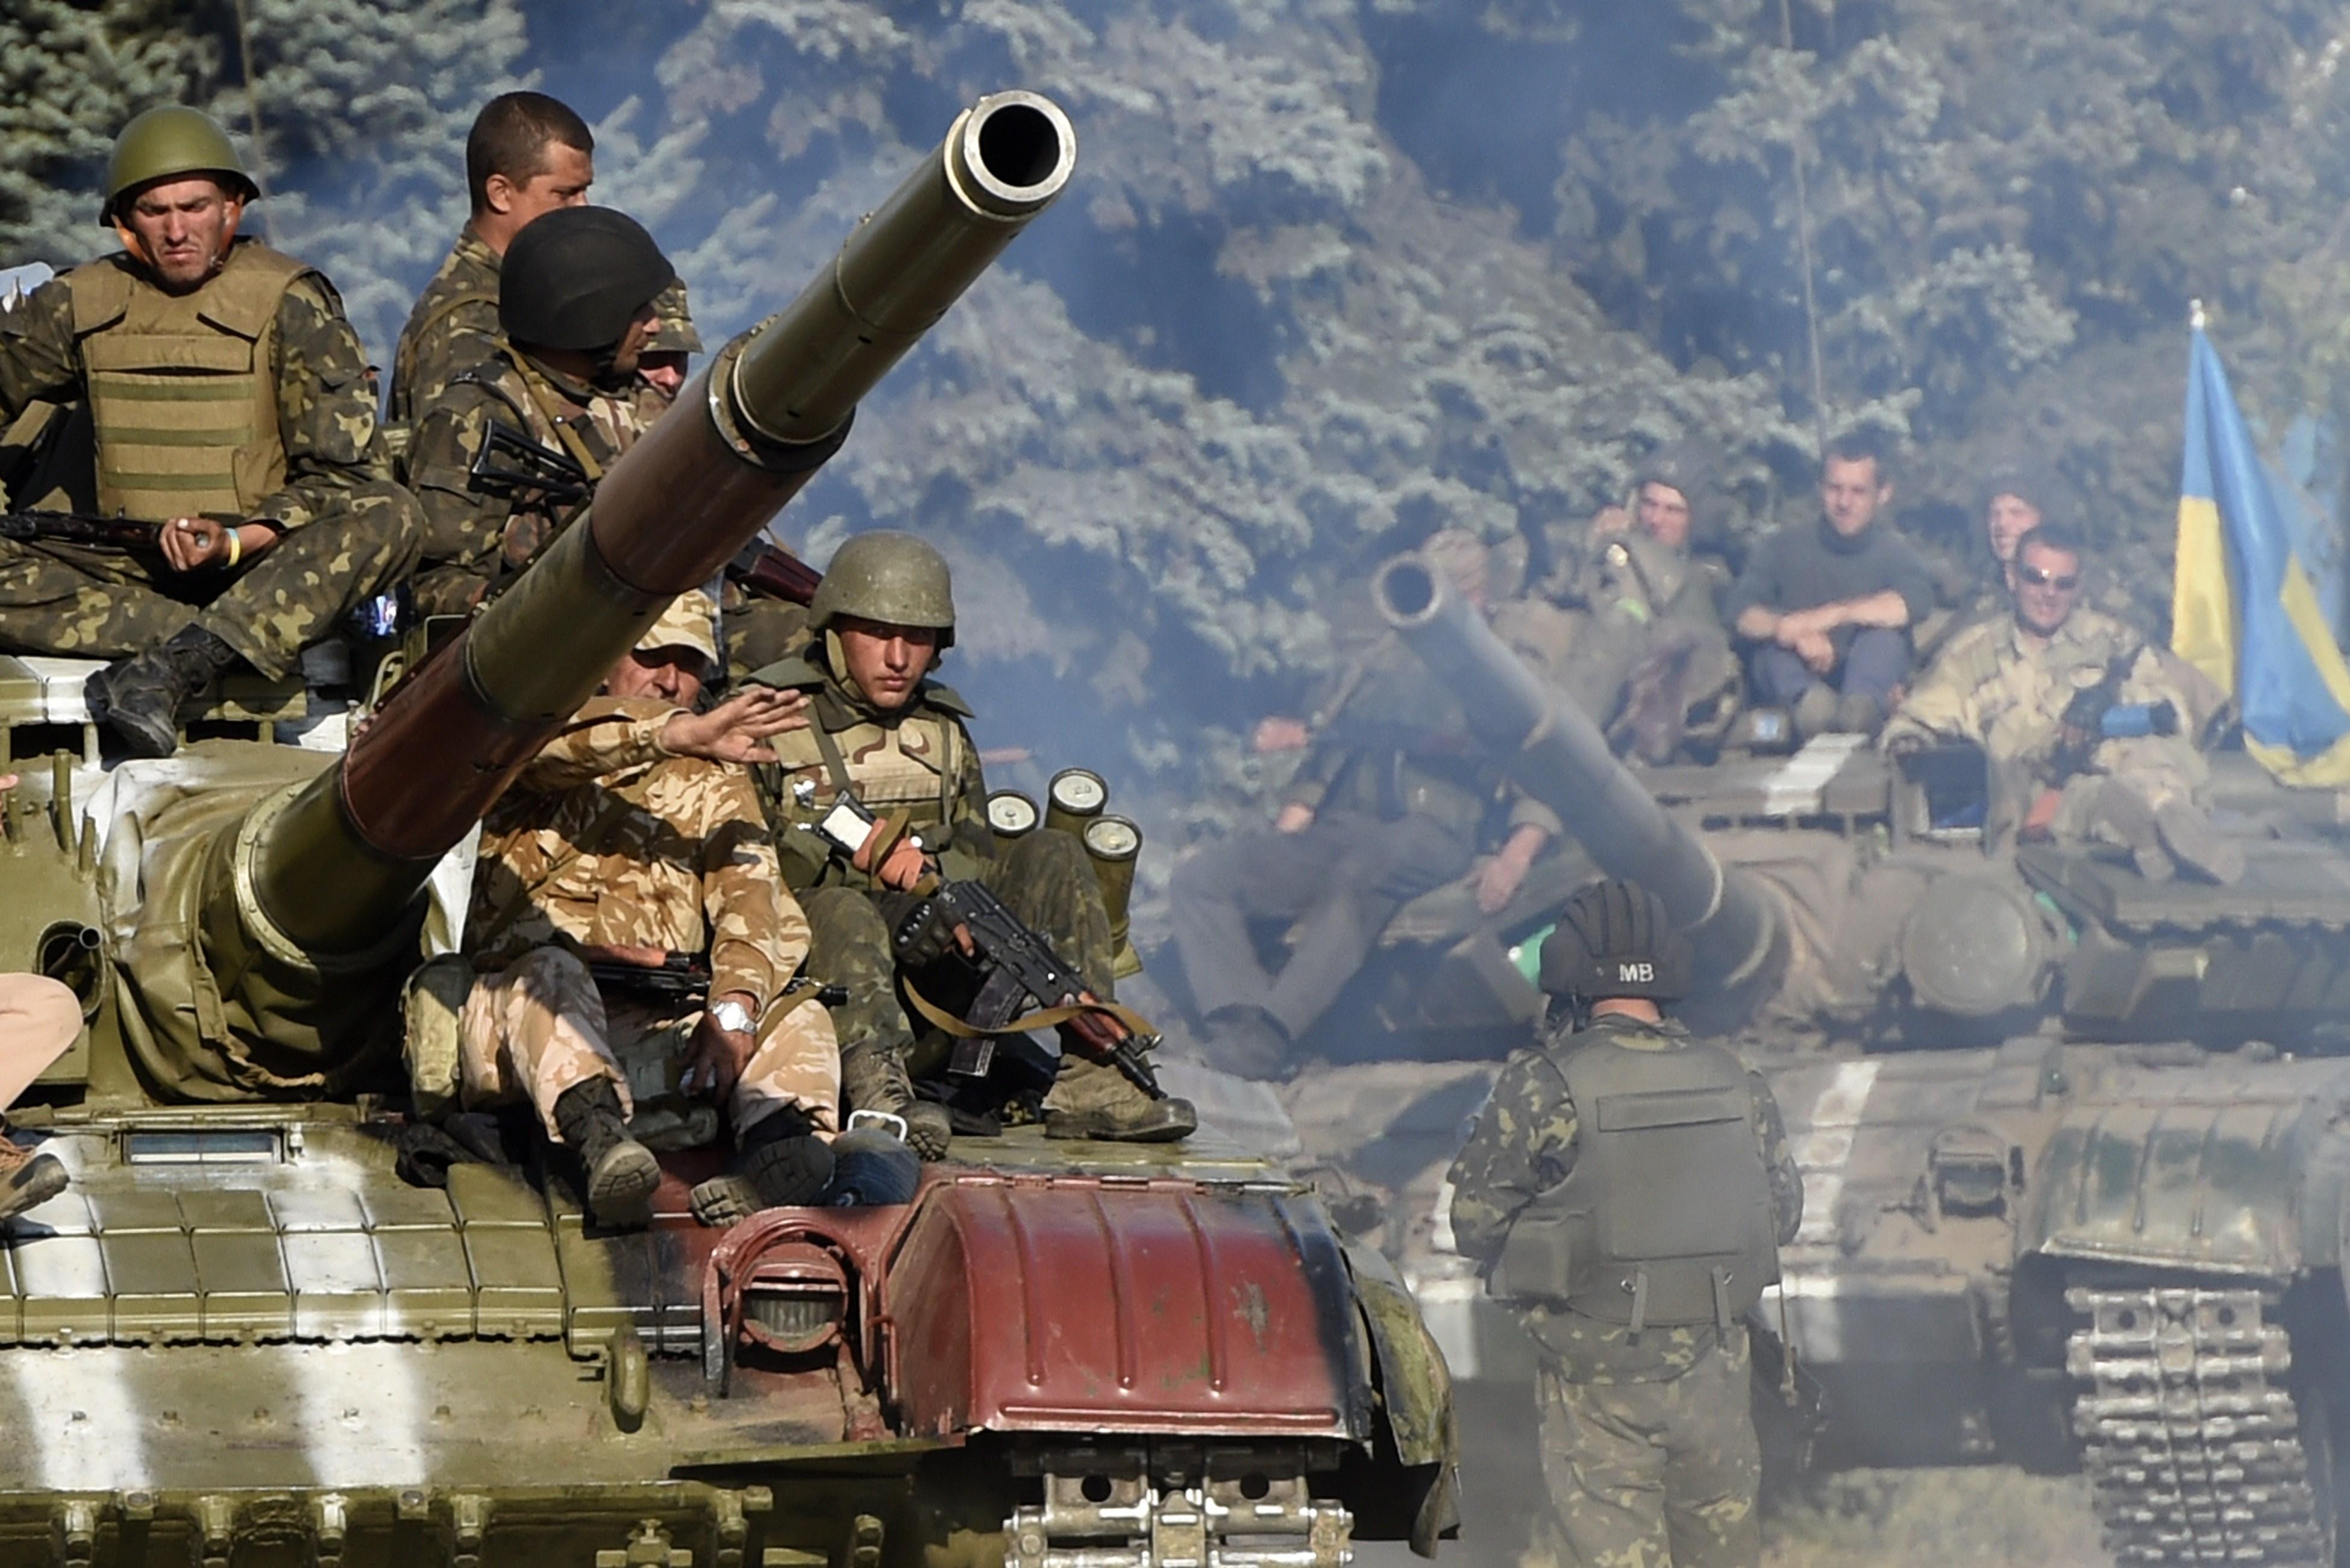 Criza in Ucraina. Ministrul rus de Externe acuza NATO ca a jucat un rol distructiv in timpul crizei ucrainene